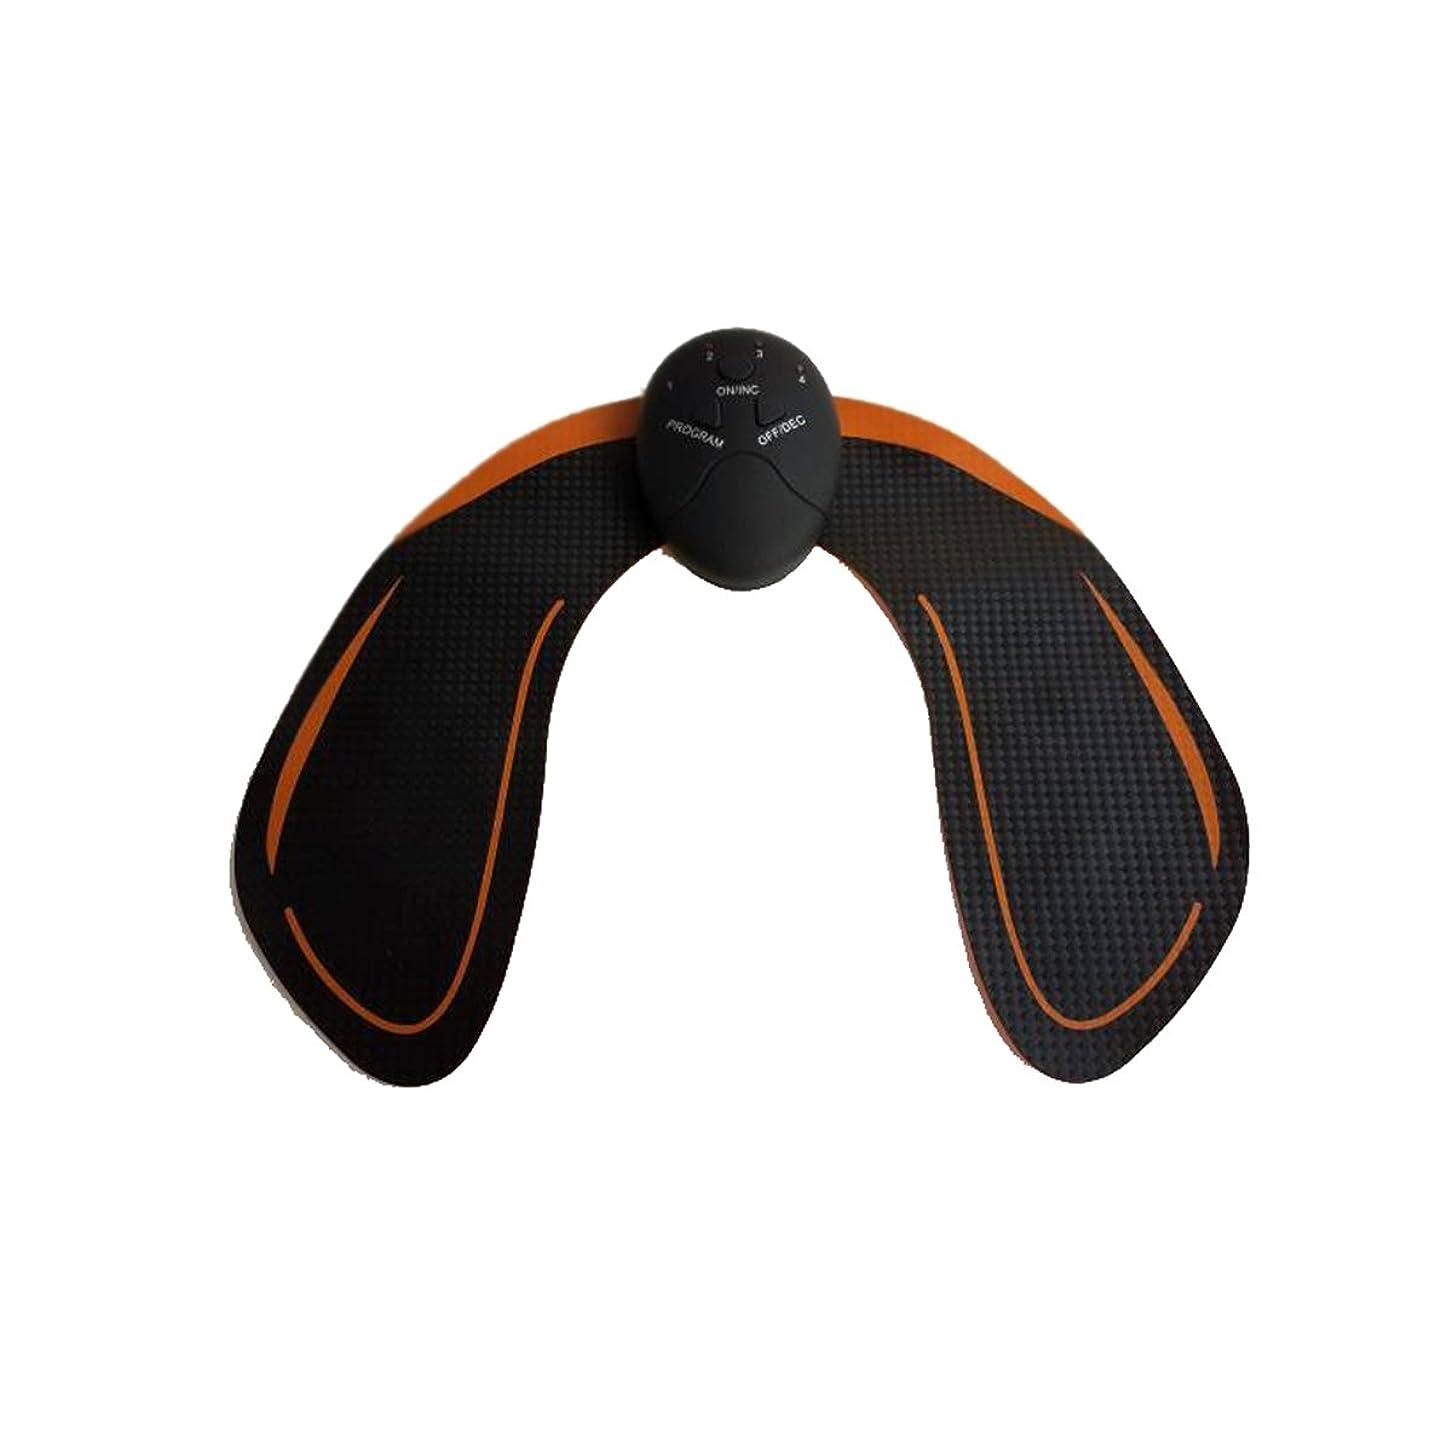 ワイヤーバルクつなぐHealifty EMS トレーニングパッド ヒップアップ お尻専用 多機能 筋トレ器具 ダイエット 筋肉振動 引き締める 強さ階段調節 電池式 男女兼用(黒)